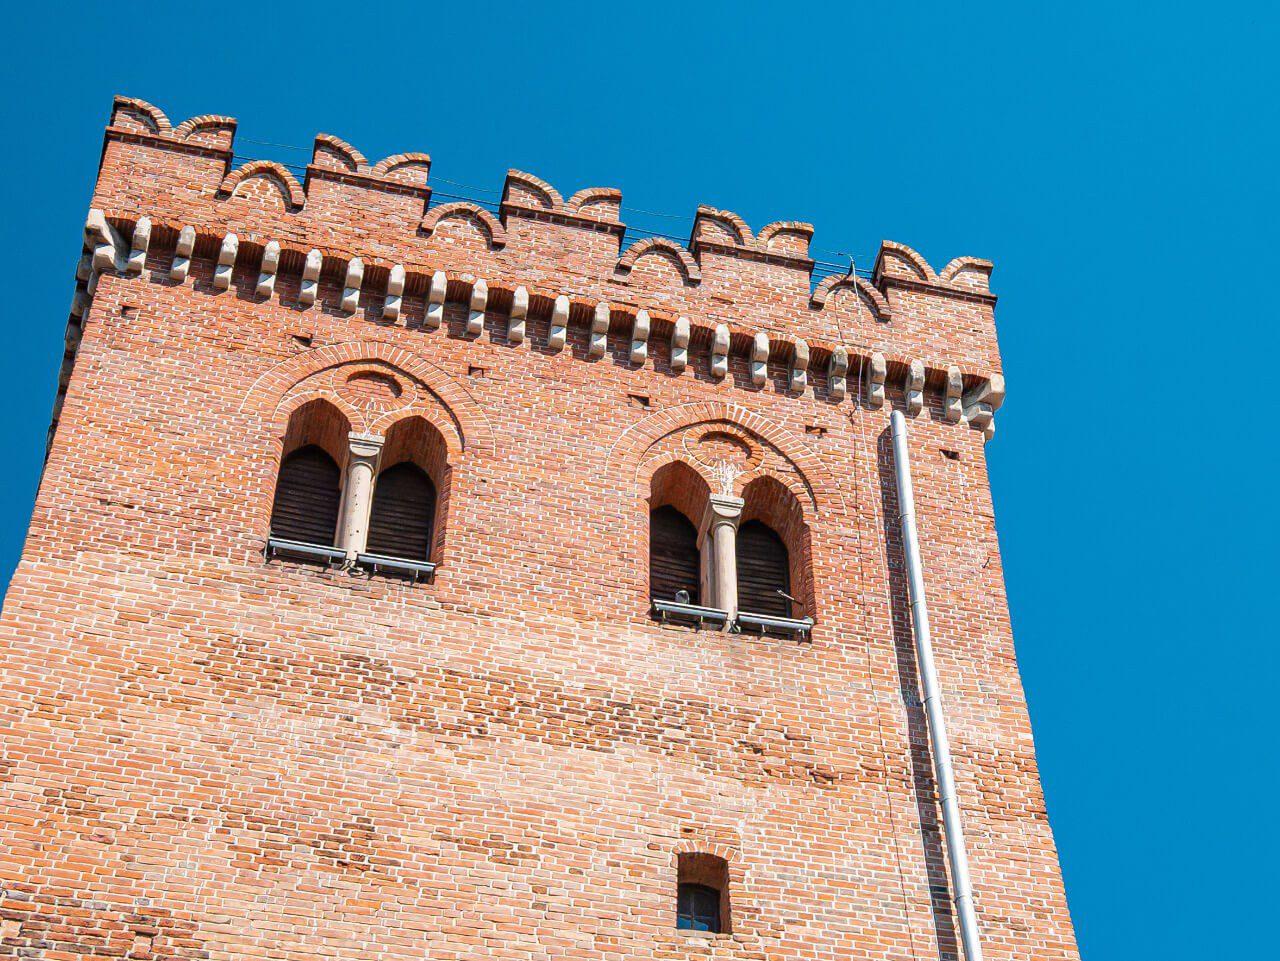 Krzywa Wieża jaskółcze ogony Ząbkowice Śląskie